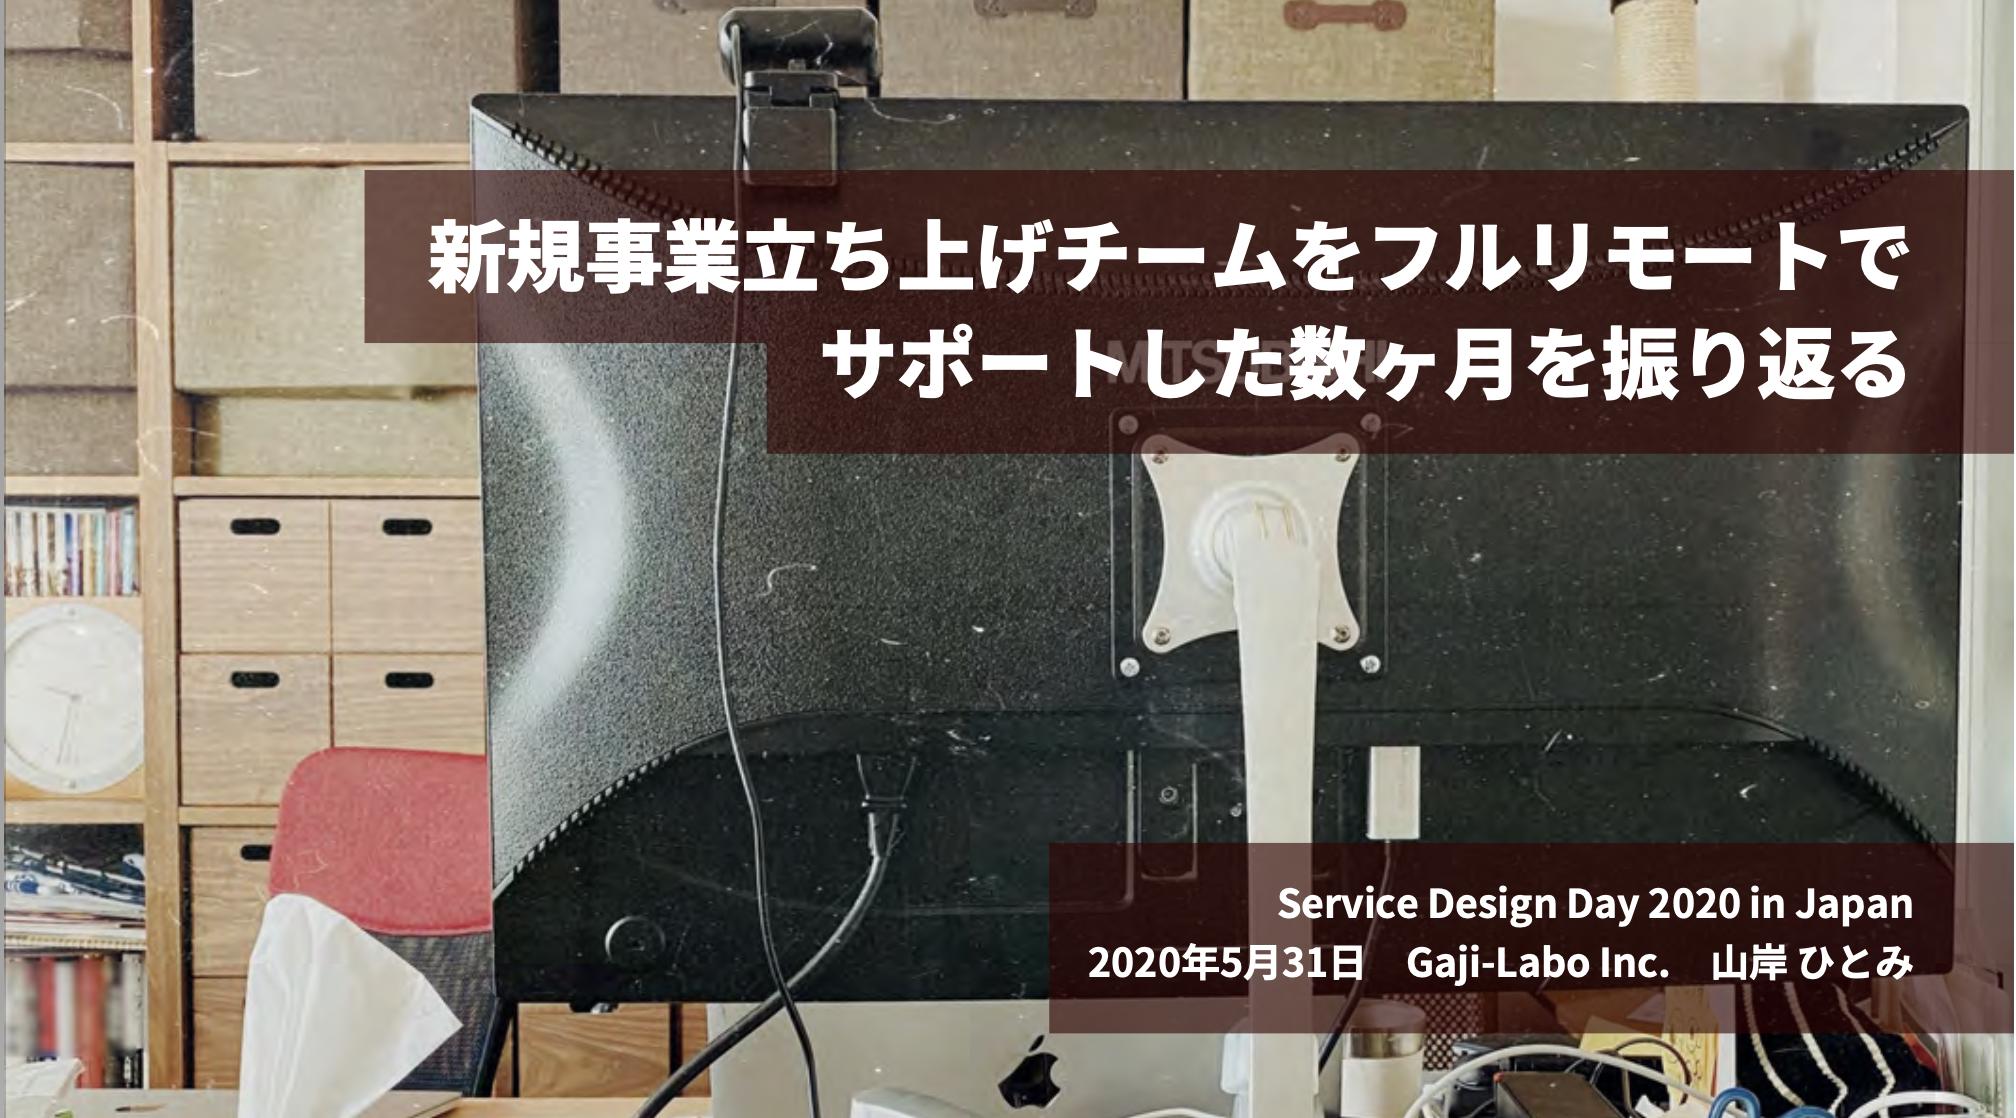 アイキャッチ画像:Service Design Day 2020 in Japan で話題提供させていただきました